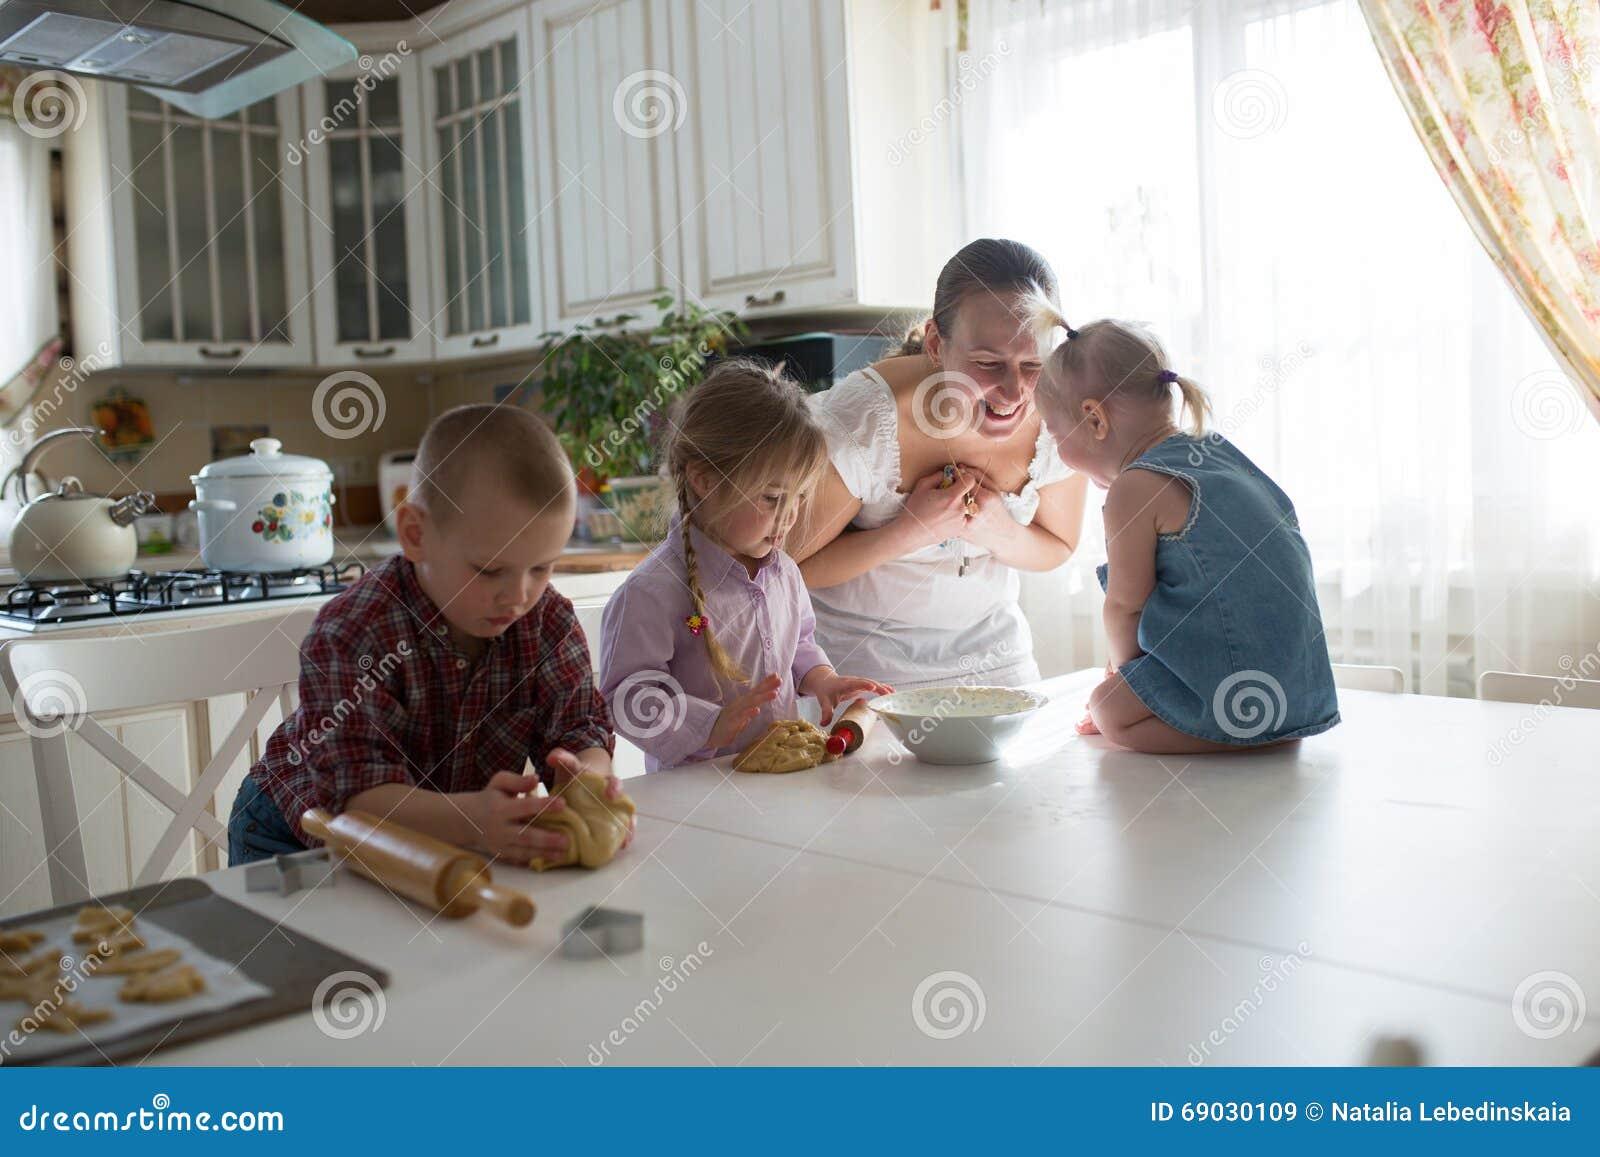 Keuken Voor Kinderen : Moeder met drie kinderen in de keuken die koekjes voorbereiden